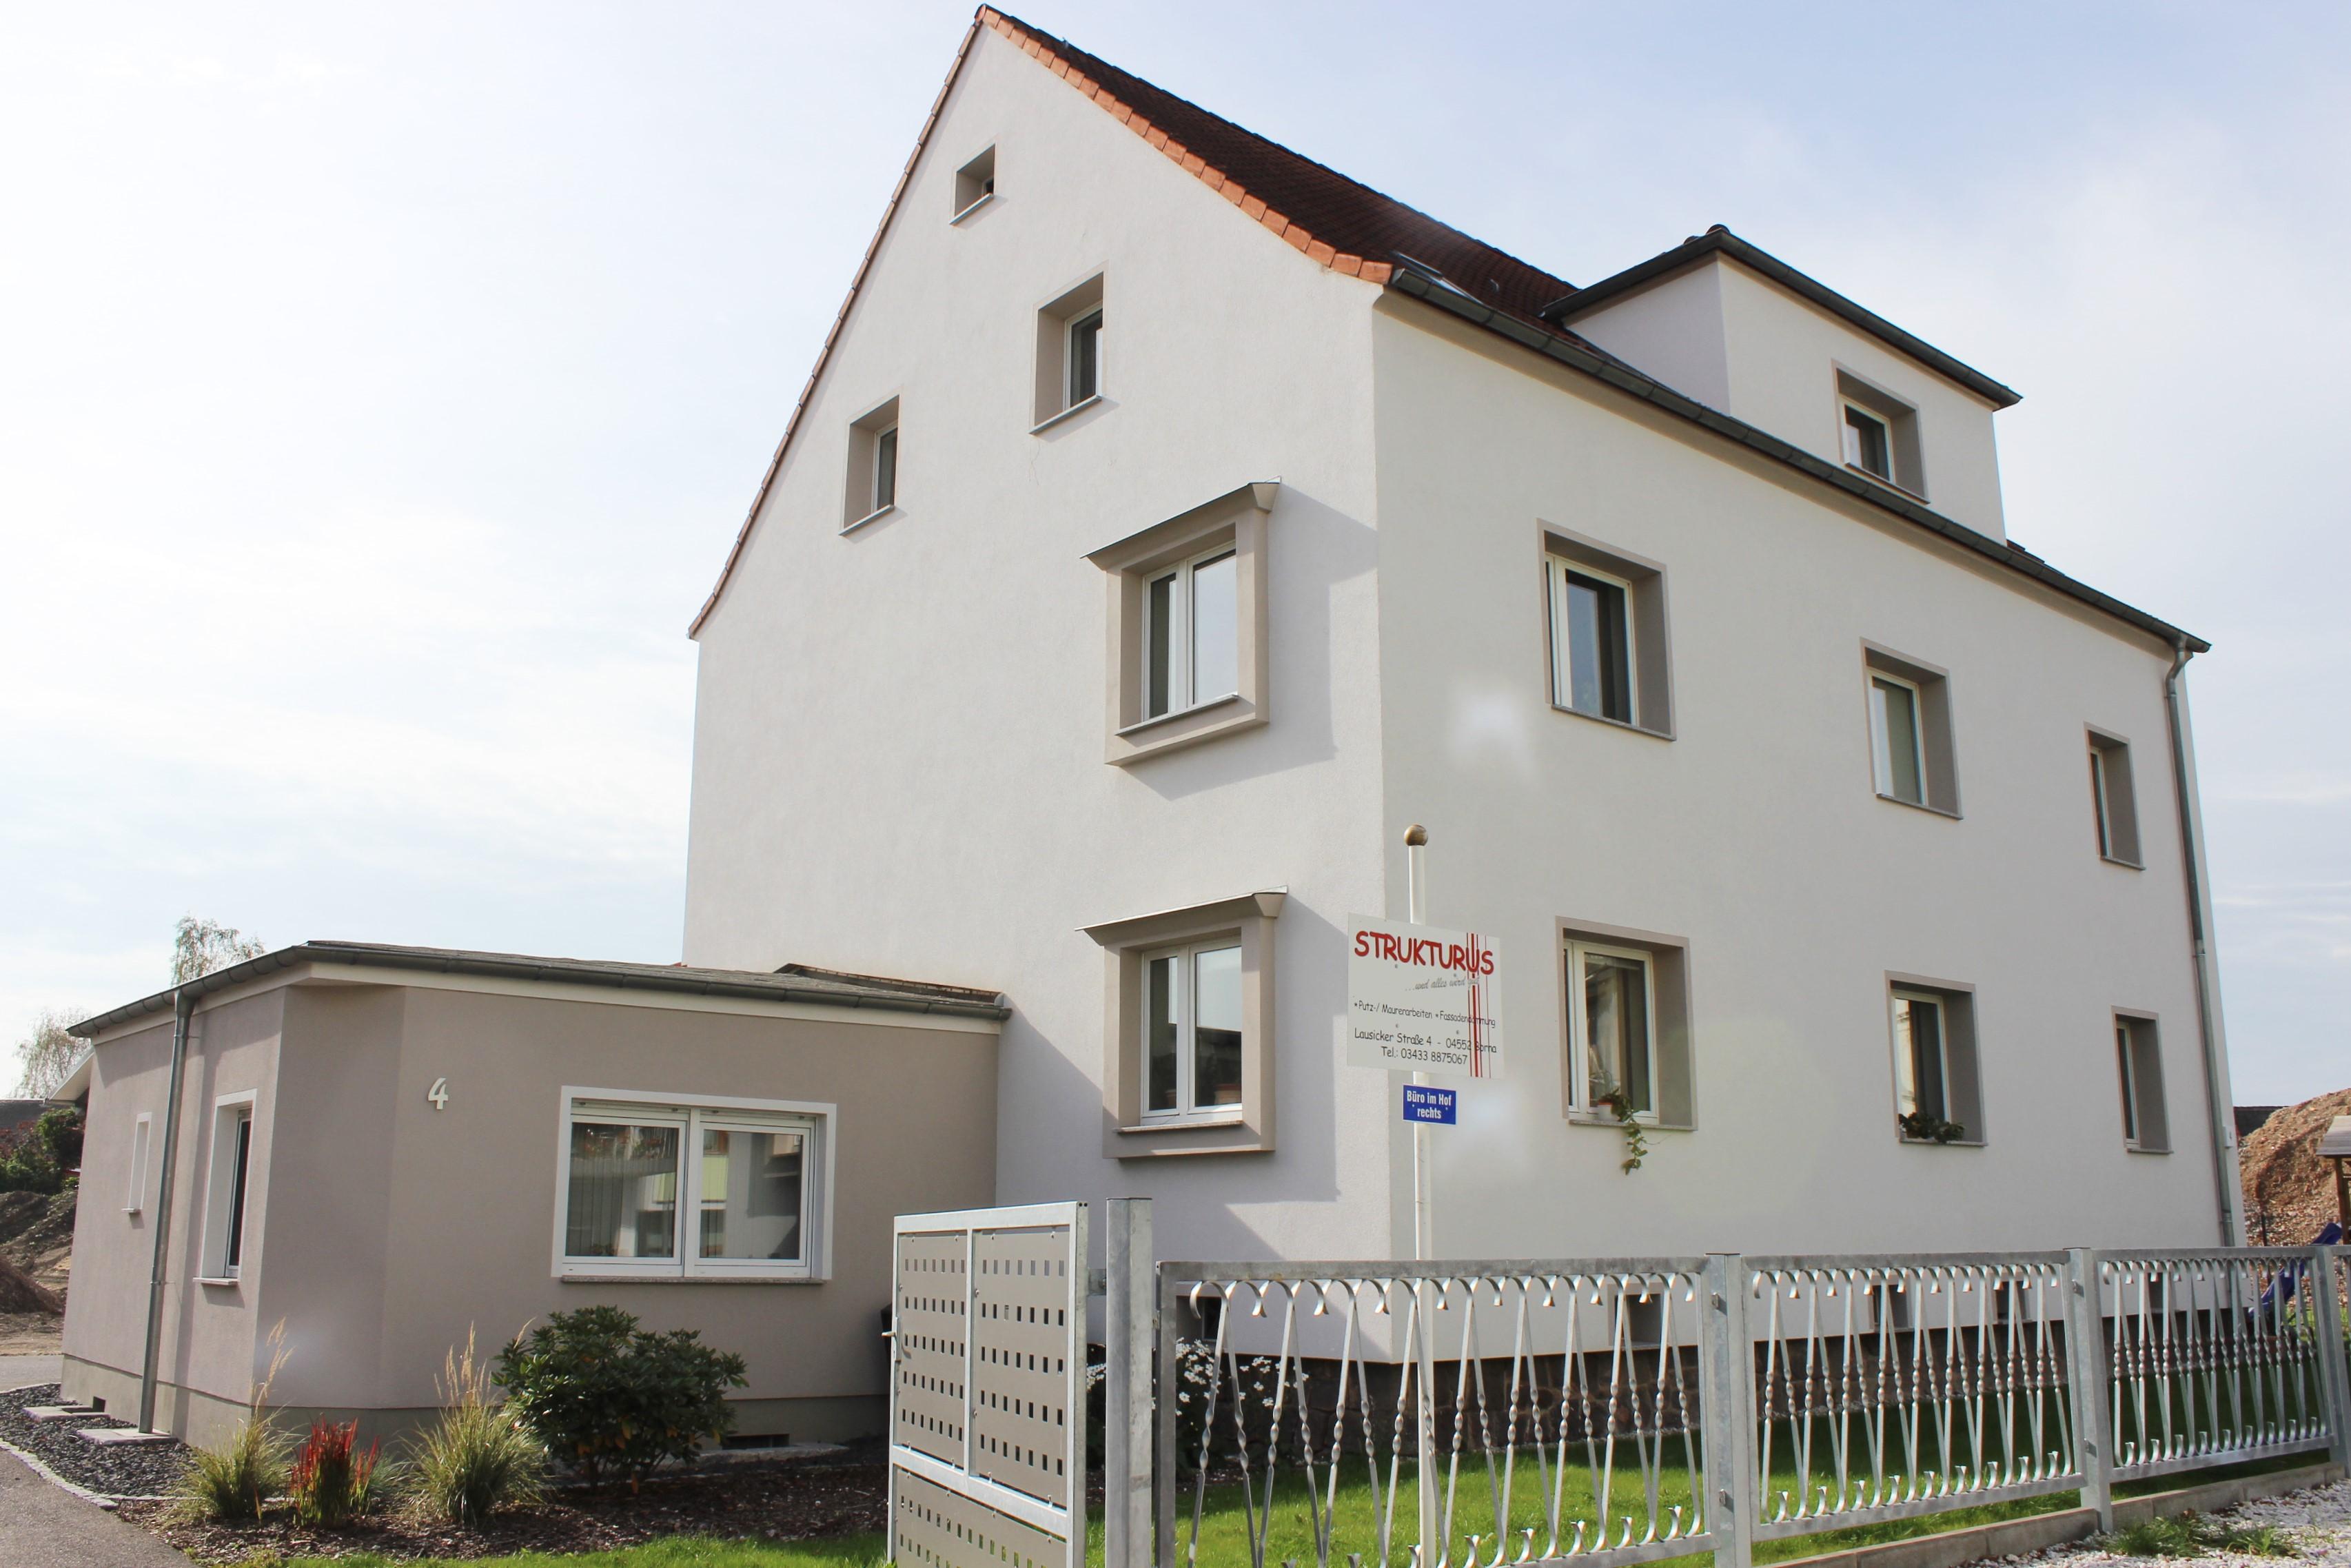 Fassadensanierung WDVS in Borna Vorderseite